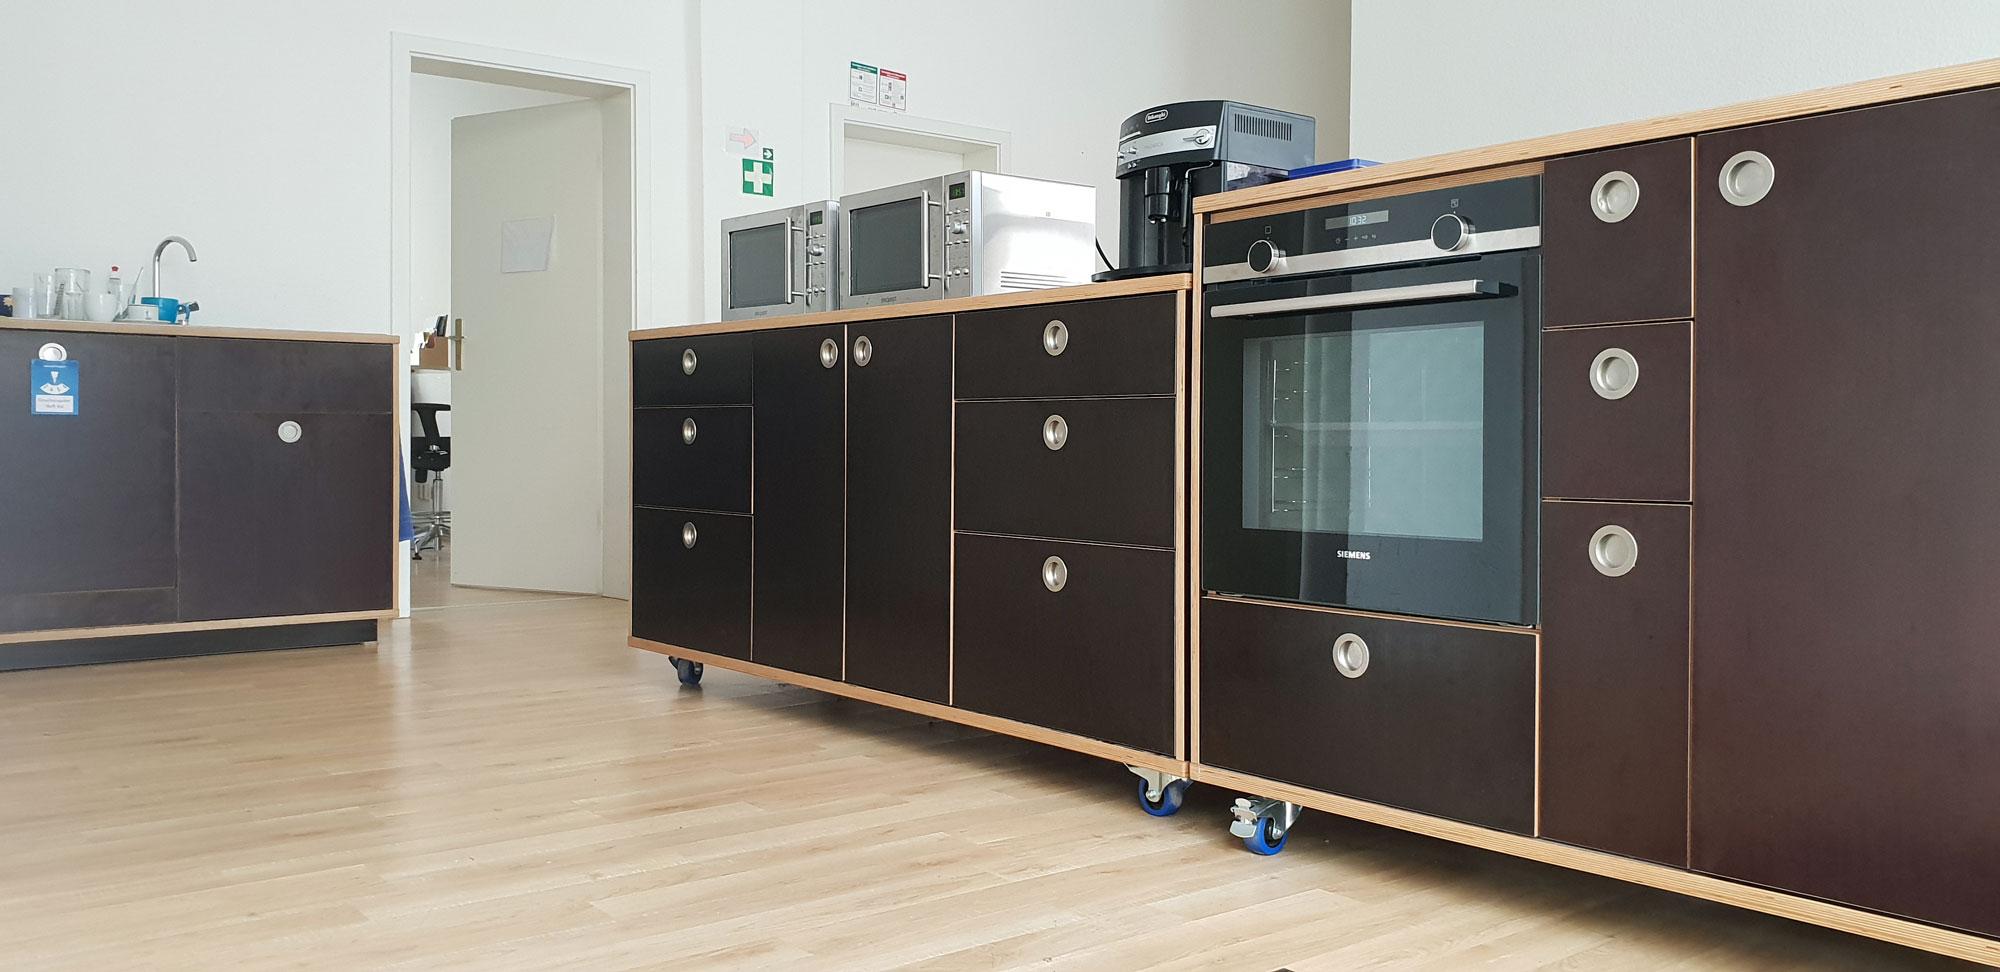 mobile k che idee werk. Black Bedroom Furniture Sets. Home Design Ideas